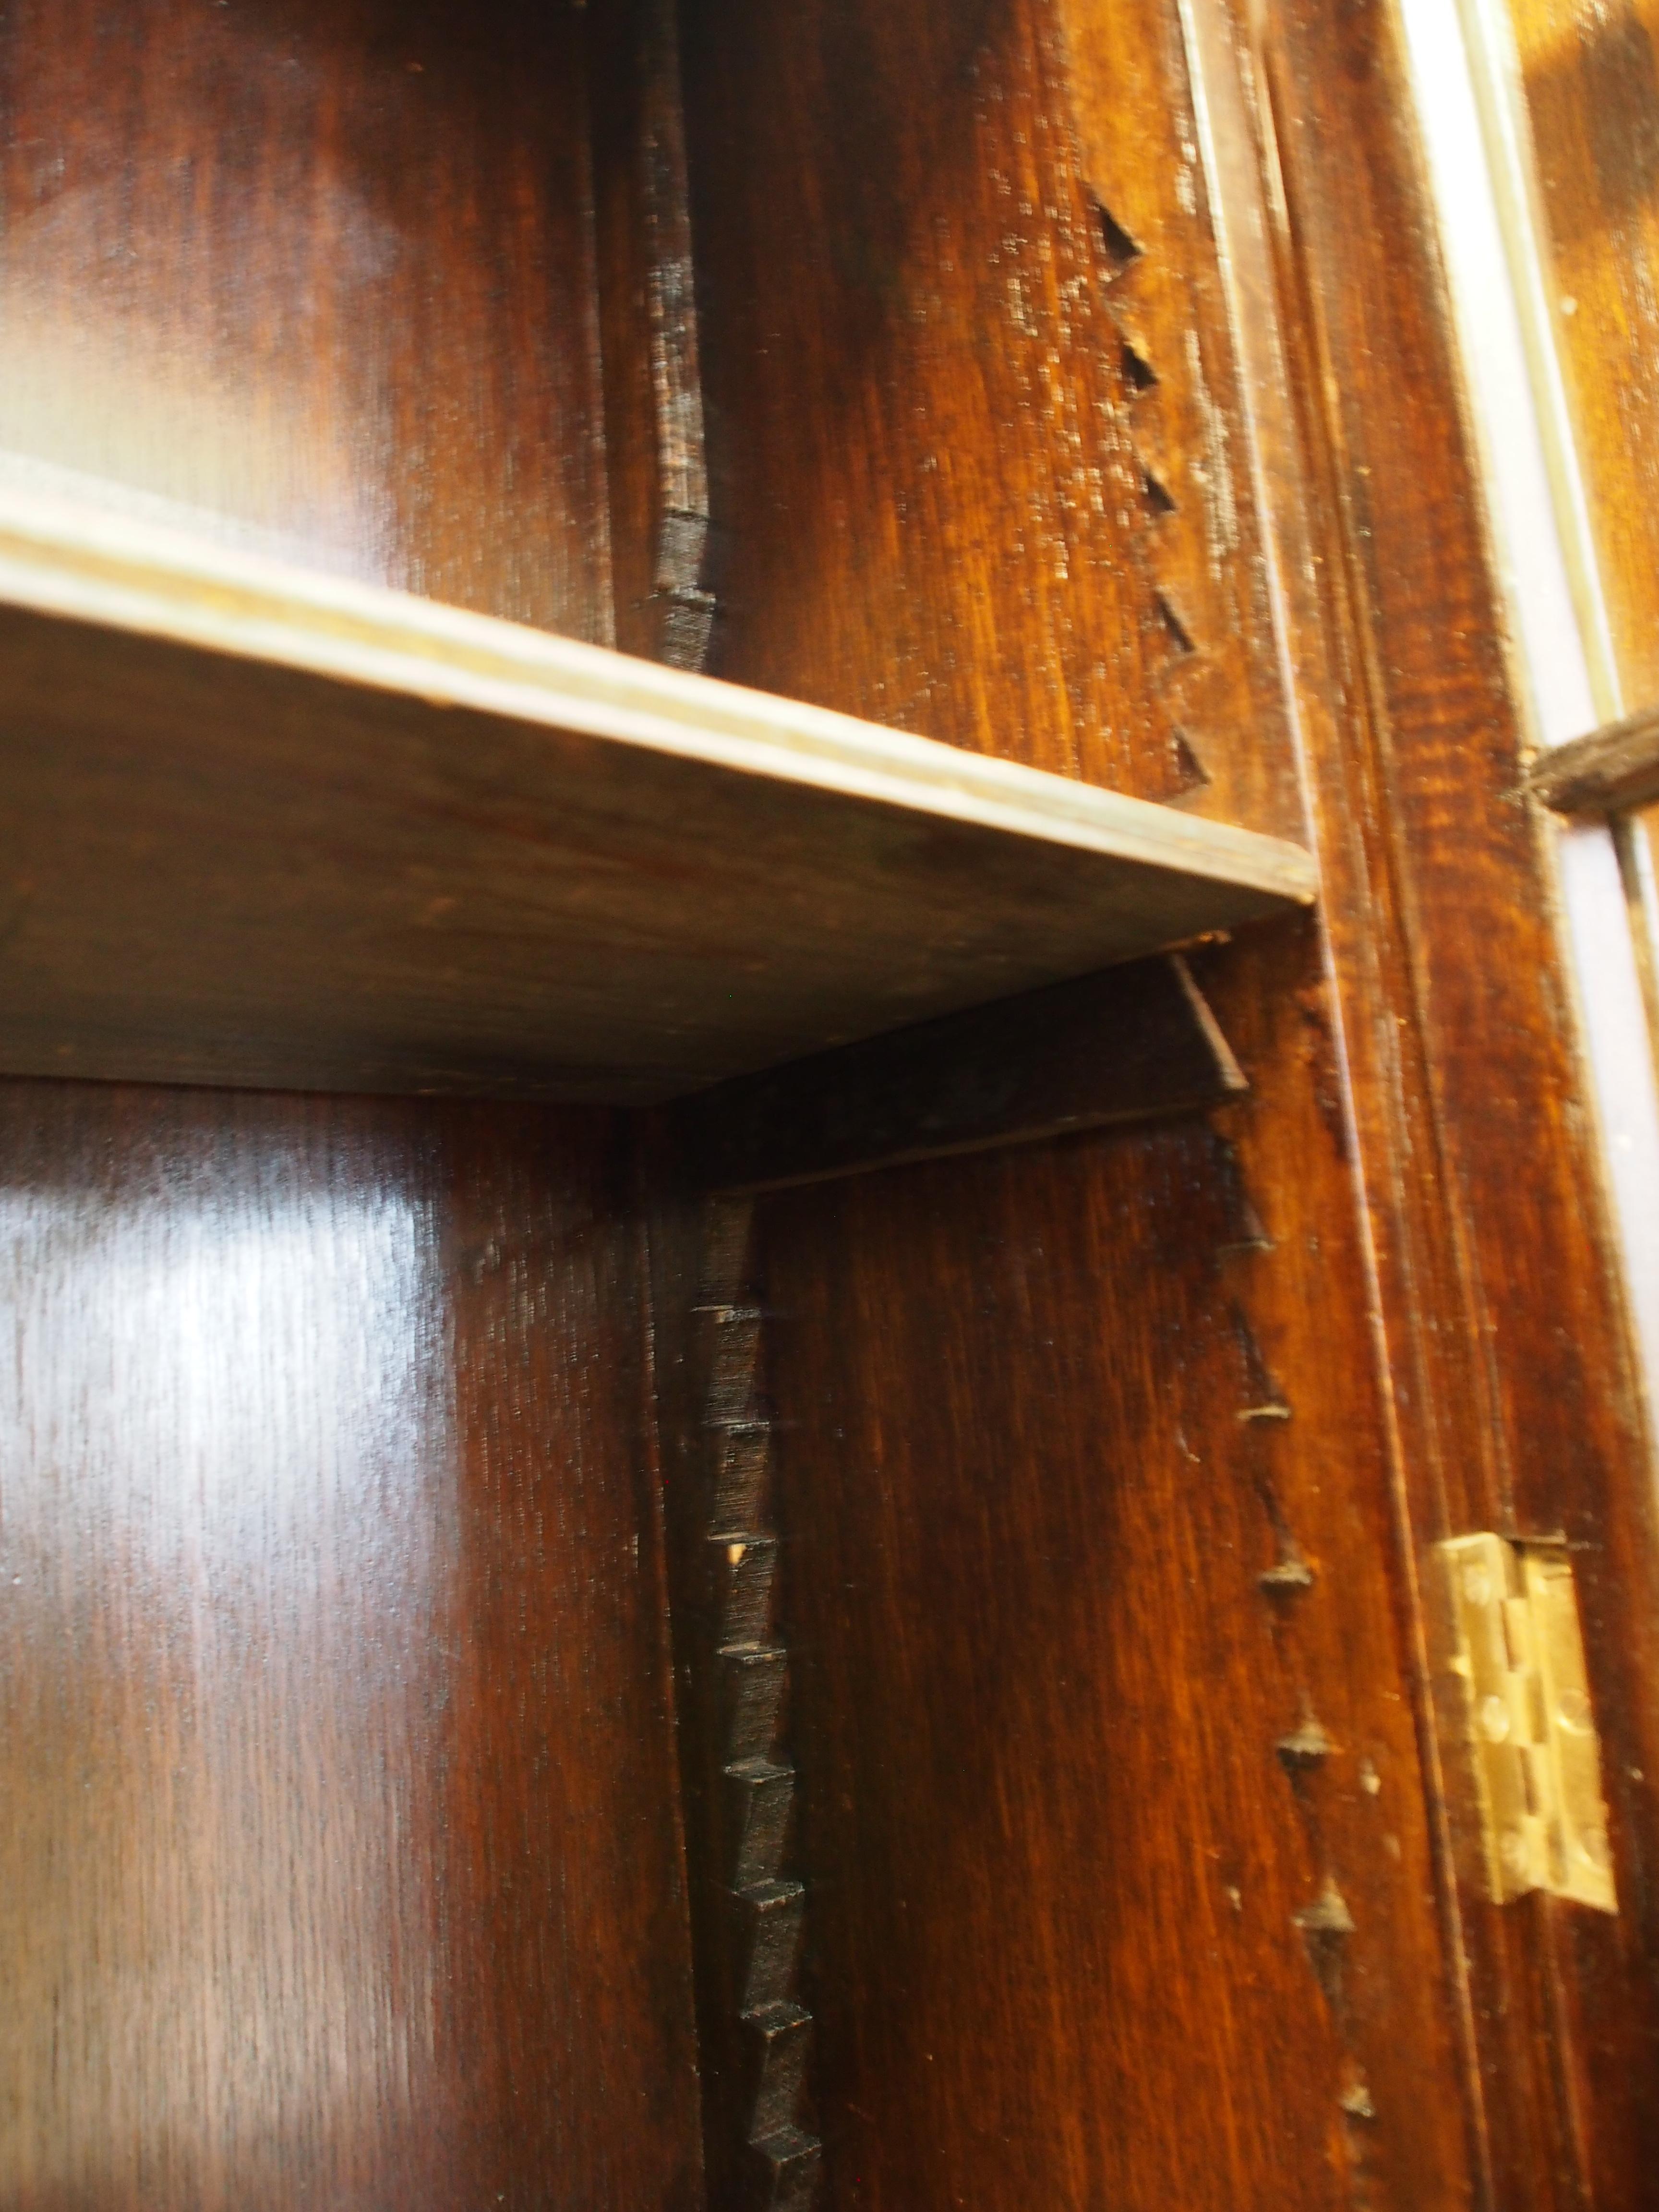 アンティーク家具 大阪 箕面 ブックケース 本棚 キャビネット ディスプレイ 収納 棚 オーク ヴィンテージ家具  ビンテージ家具 イギリスアンティーク家具 英国家具 イギリス家具 antique antiquefurnuture